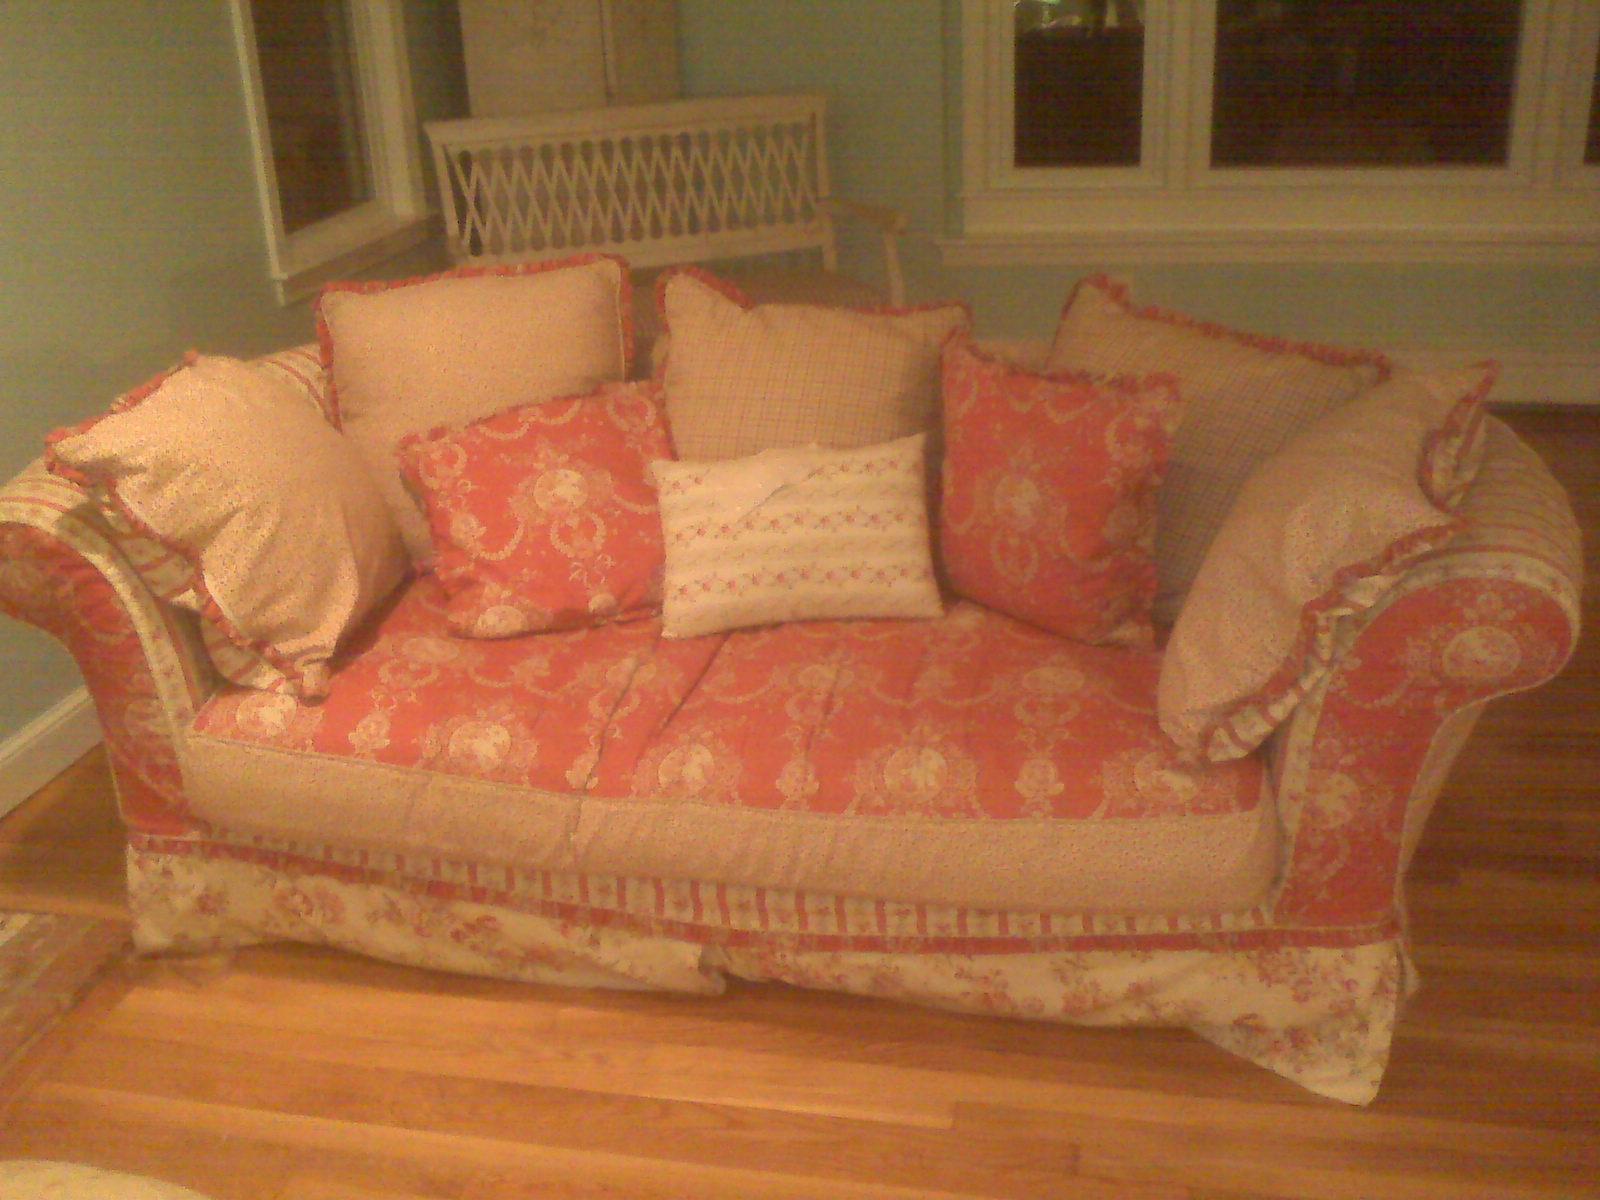 New England Style: White Slipcovers, Classic, Coastal, New England